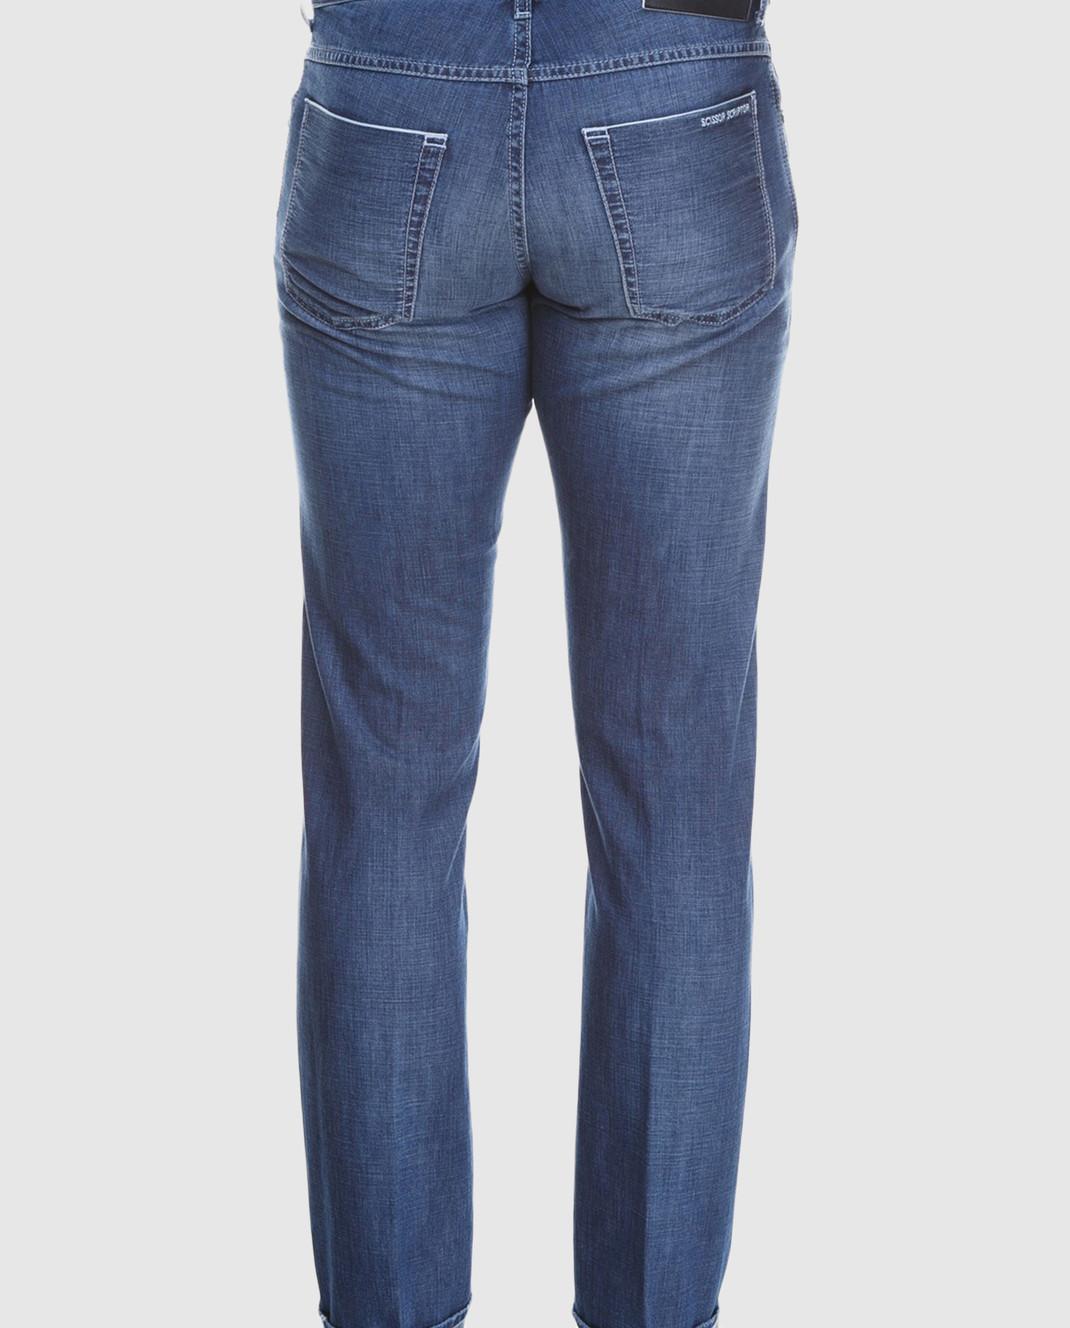 Scissor Scriptor Синие джинсы TIBERIOT68 изображение 5